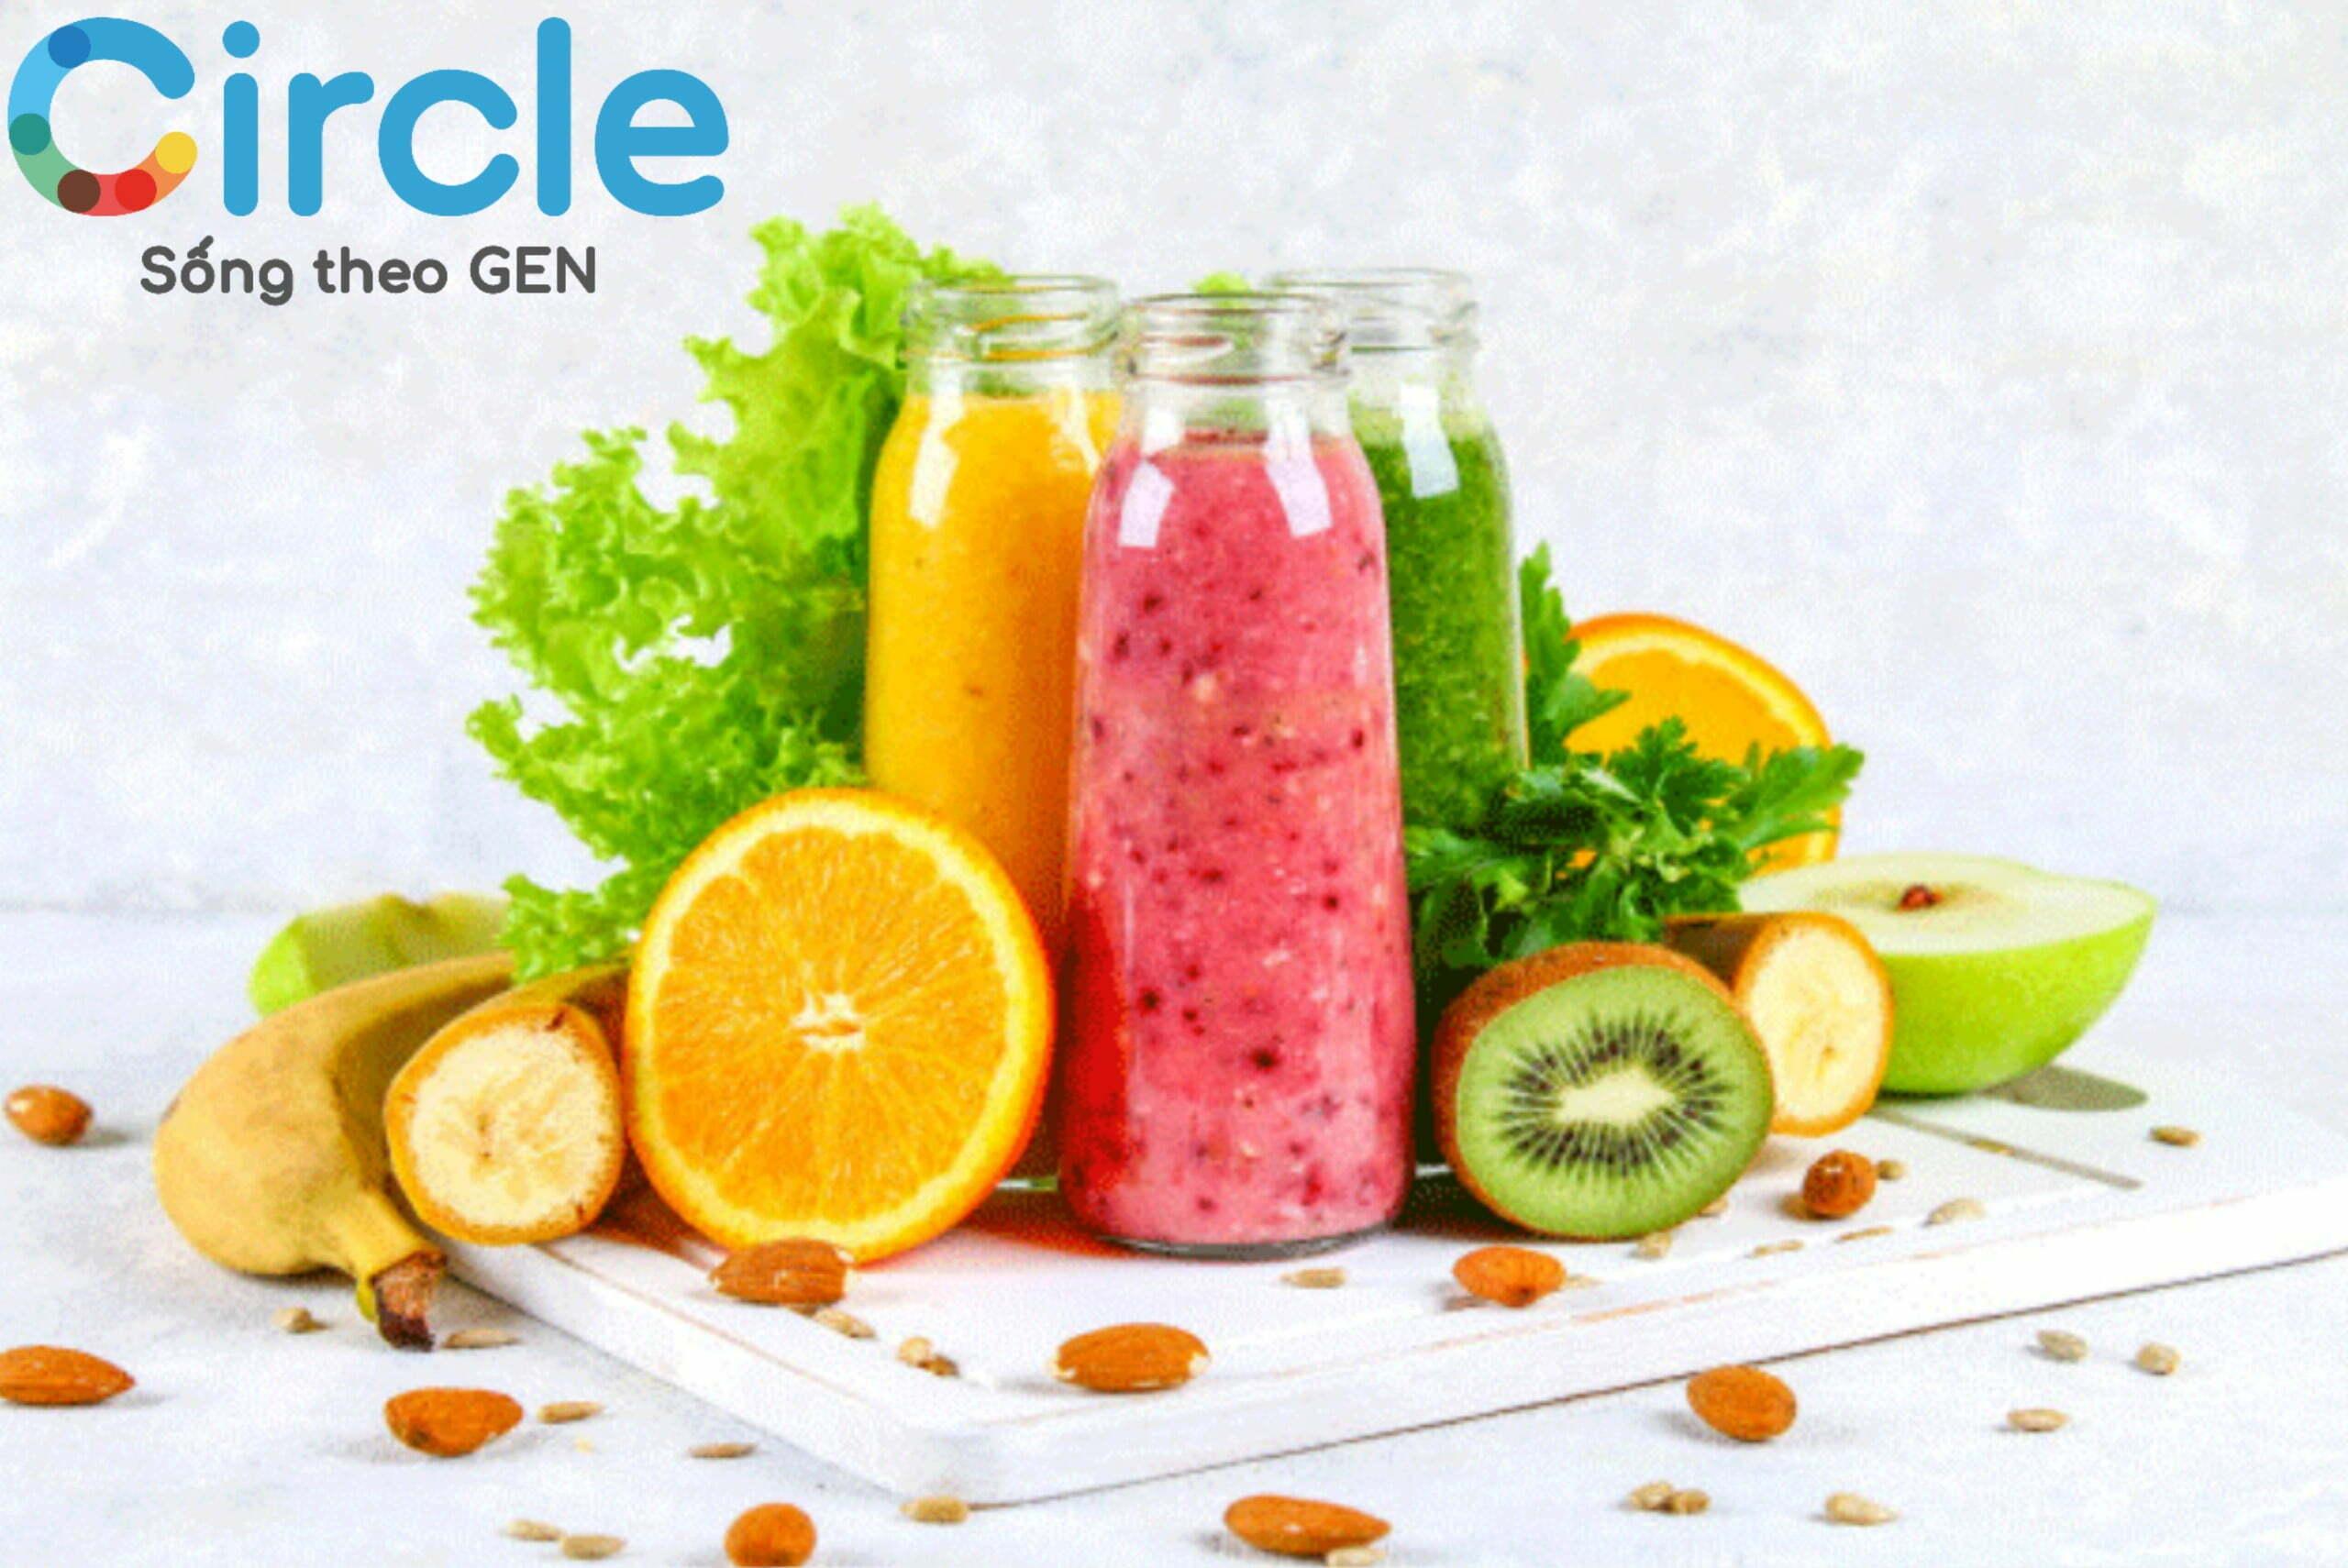 Với nguồn vitamin, chất xơ và khoáng chất tuyệt vời, trái cây xay nhuyễn sẽ khiến các bạn nhỏ thích mê.